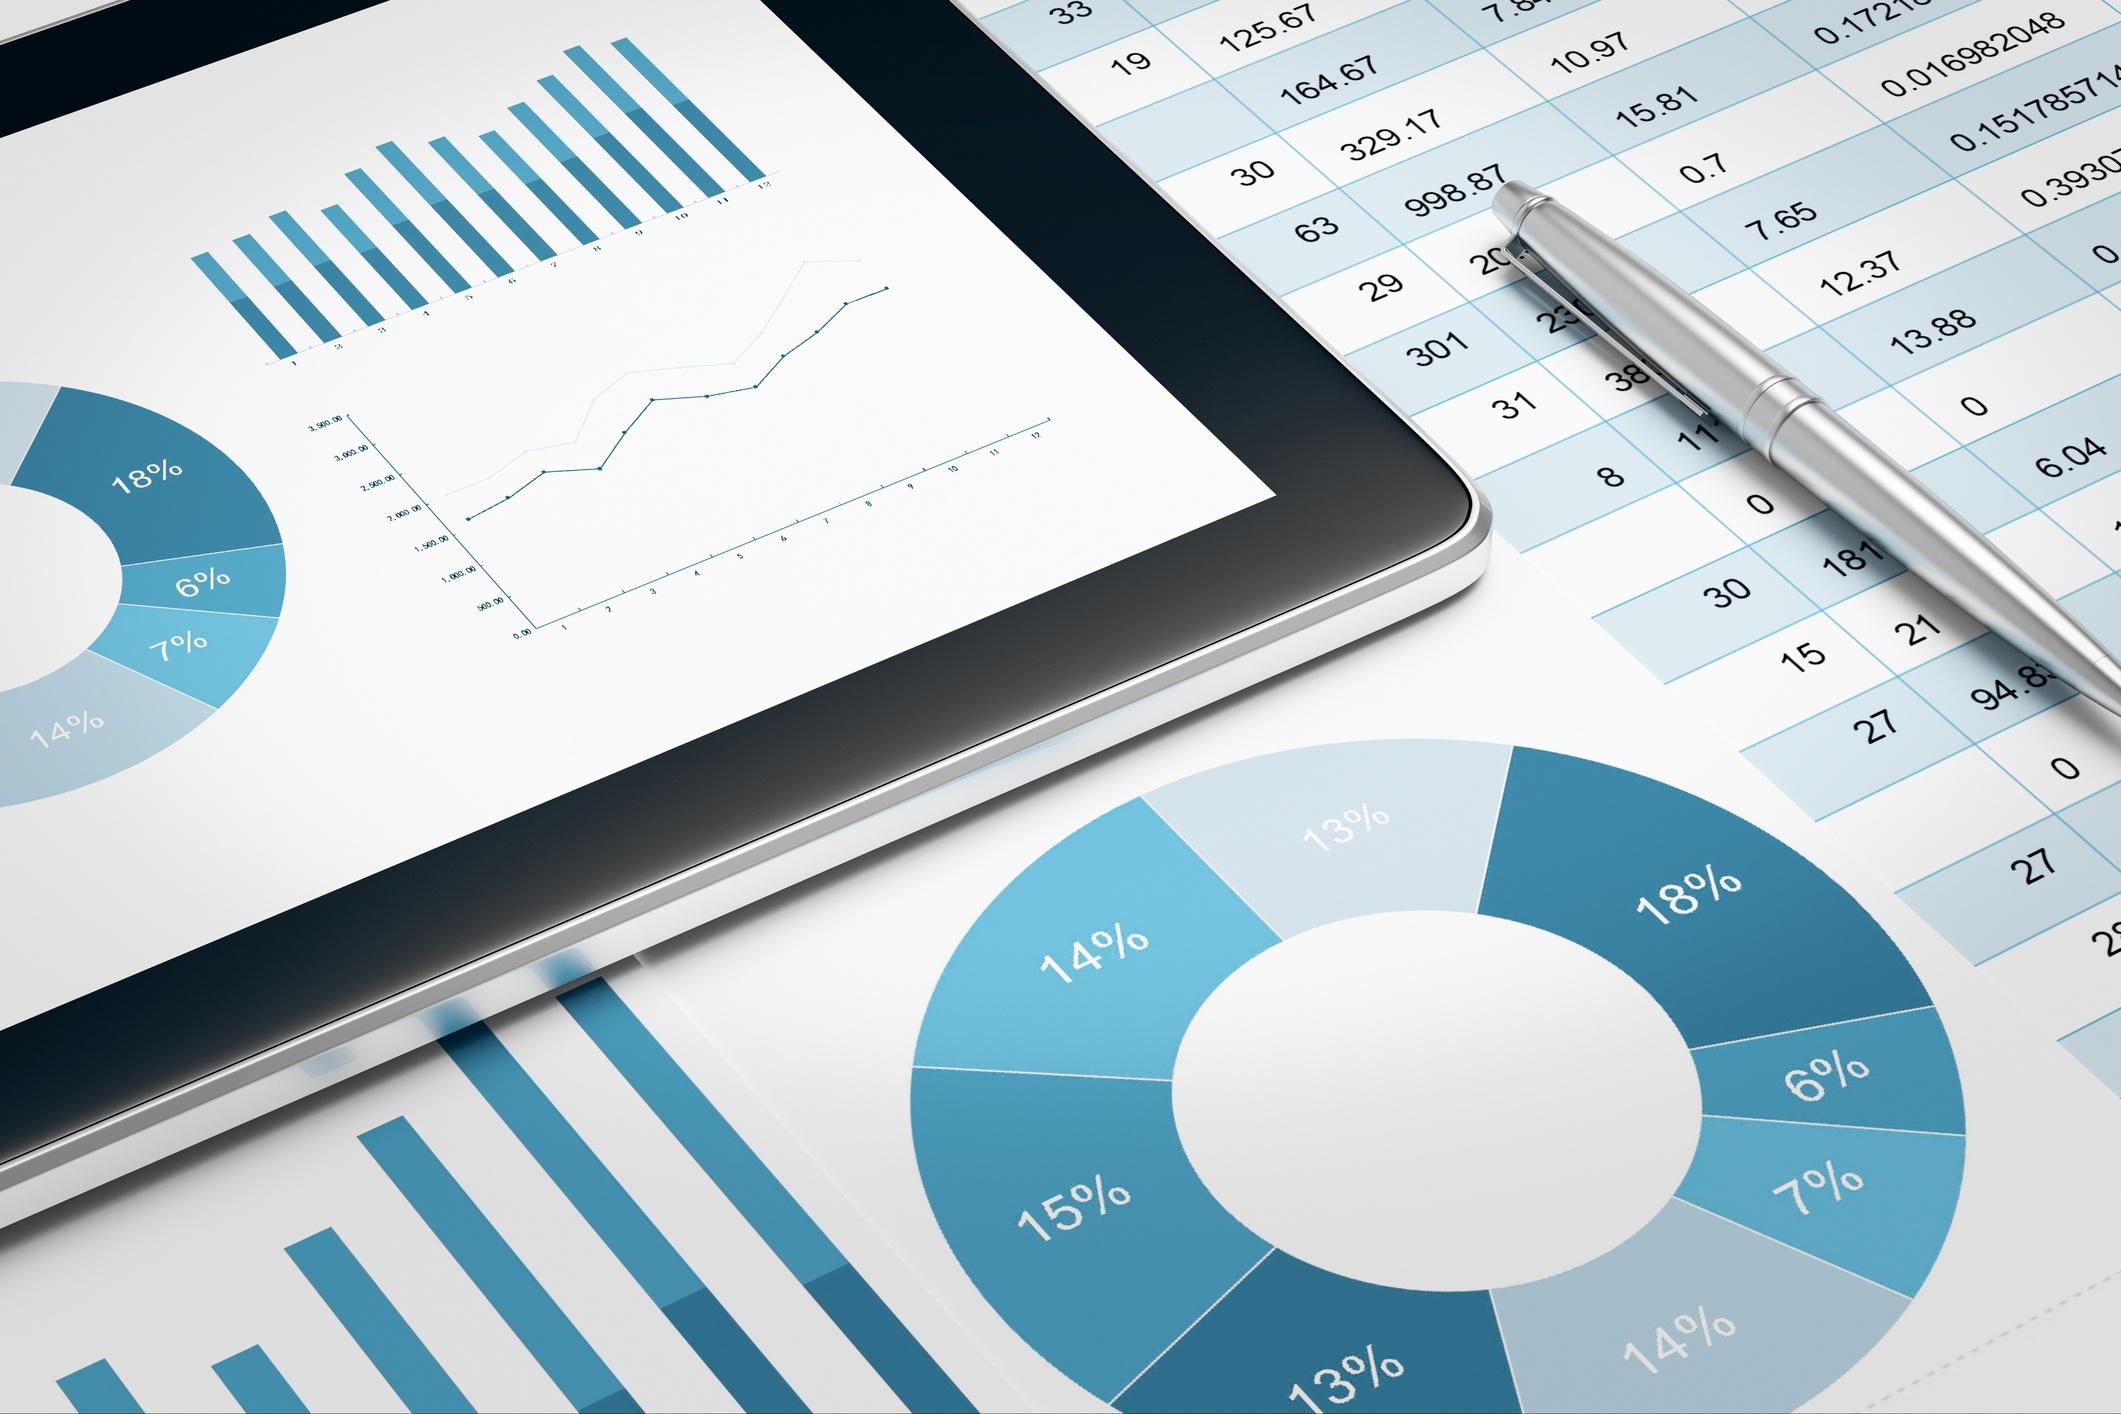 Las 6 métricas para medir los resultados de marketing